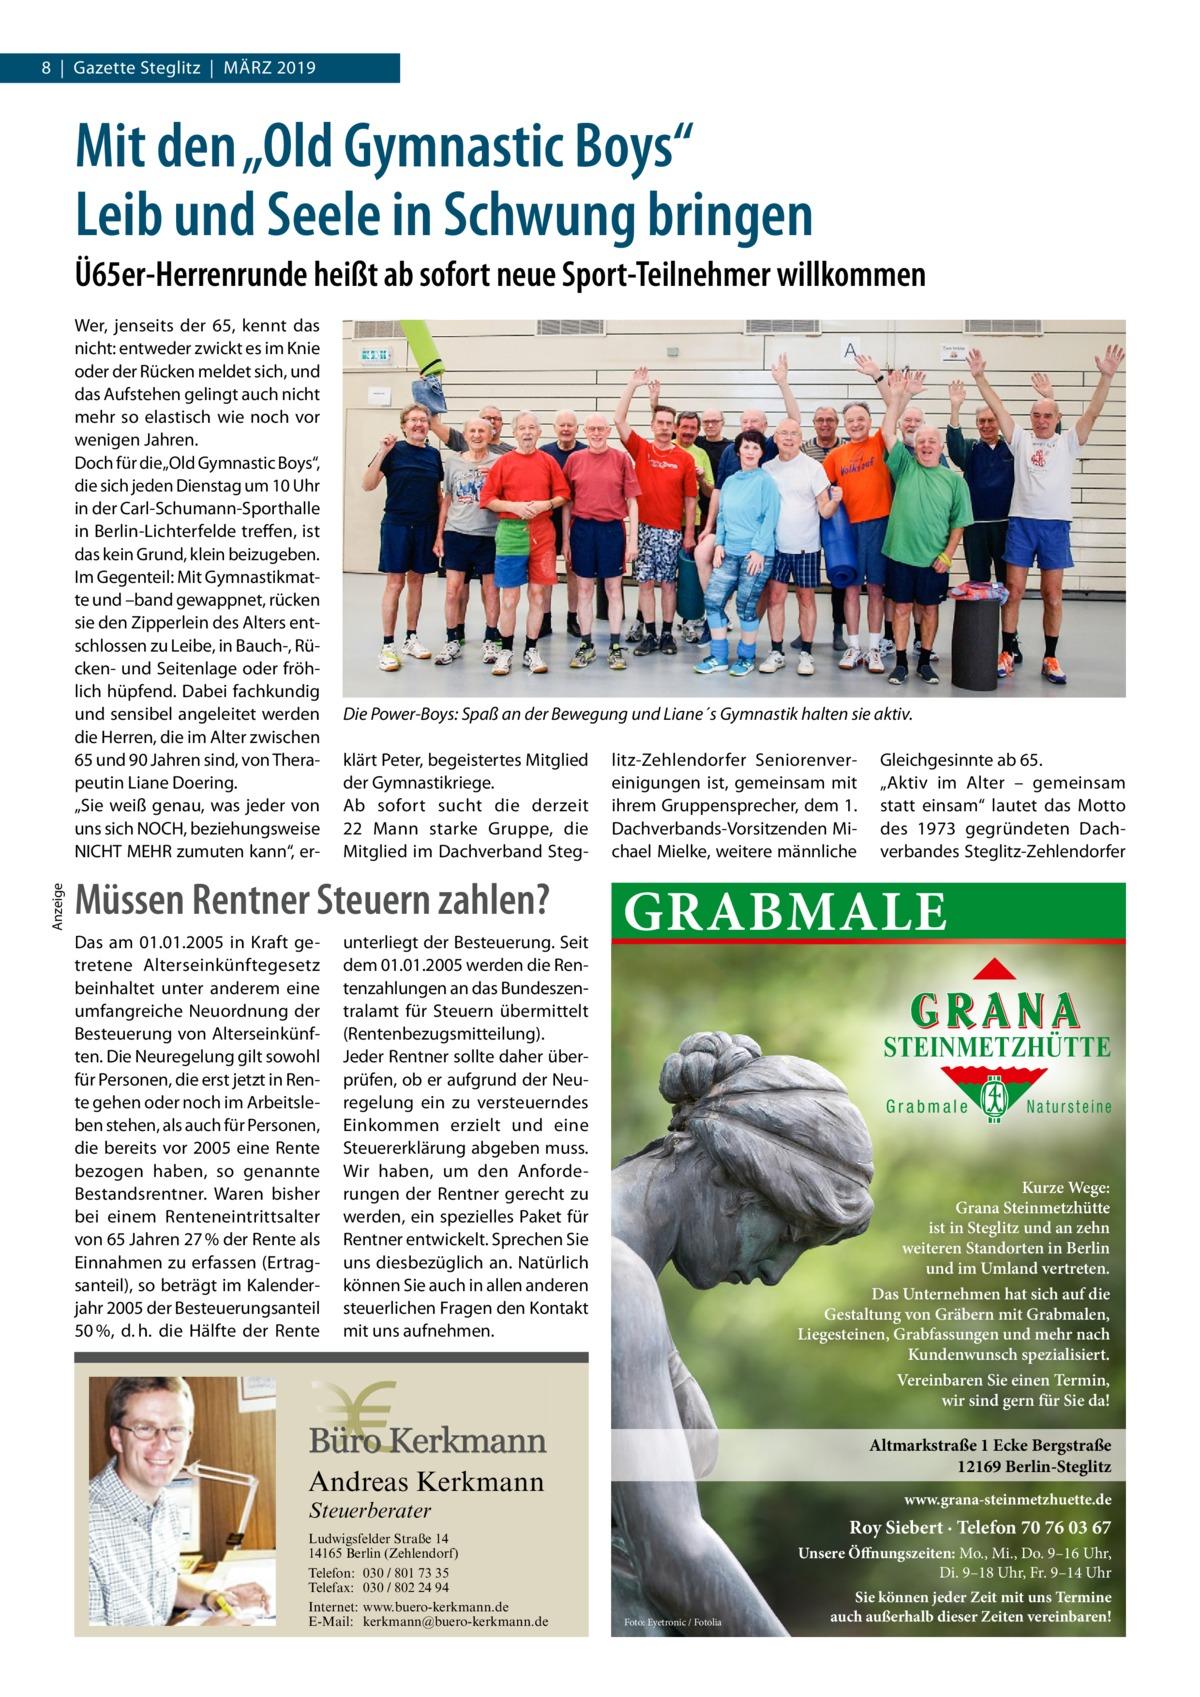 """8 Gazette Steglitz März 2019  Mit den """"Old Gymnastic Boys"""" Leib und Seele in Schwung bringen Ü65er-Herrenrunde heißt ab sofort neue Sport-Teilnehmer willkommen  Anzeige  Wer, jenseits der 65, kennt das nicht: entweder zwickt es im Knie oder der Rücken meldet sich, und das Aufstehen gelingt auch nicht mehr so elastisch wie noch vor wenigen Jahren. Doch für die""""Old Gymnastic Boys"""", die sich jeden Dienstag um 10Uhr in der Carl-Schumann-Sporthalle in Berlin-Lichterfelde treffen, ist das kein Grund, klein beizugeben. Im Gegenteil: Mit Gymnastikmatte und –band gewappnet, rücken sie den Zipperlein des Alters entschlossen zu Leibe, in Bauch-, Rücken- und Seitenlage oder fröhlich hüpfend. Dabei fachkundig und sensibel angeleitet werden die Herren, die im Alter zwischen 65 und 90Jahren sind, von Therapeutin Liane Doering. """"Sie weiß genau, was jeder von uns sich NOCH, beziehungsweise NICHT MEHR zumuten kann"""", er Die Power-Boys: Spaß an der Bewegung und Liane´s Gymnastik halten sie aktiv. klärt Peter, begeistertes Mitglied der Gymnastikriege. Ab sofort sucht die derzeit 22 Mann starke Gruppe, die Mitglied im Dachverband Steg Müssen Rentner Steuern zahlen? Das am 01.01.2005 in Kraft getretene Alterseinkünftegesetz beinhaltet unter anderem eine umfangreiche Neuordnung der Besteuerung von Alterseinkünften. Die Neuregelung gilt sowohl für Personen, die erst jetzt in Rente gehen oder noch im Arbeitsleben stehen, als auch für Personen, die bereits vor 2005 eine Rente bezogen haben, so genannte Bestandsrentner. Waren bisher bei einem Renteneintrittsalter von 65Jahren 27 % der Rente als Einnahmen zu erfassen (Ertragsanteil), so beträgt im Kalenderjahr 2005 der Besteuerungsanteil 50 %, d. h. die Hälfte der Rente  unterliegt der Besteuerung. Seit dem 01.01.2005 werden die Rentenzahlungen an das Bundeszentralamt für Steuern übermittelt (Rentenbezugsmitteilung). Jeder Rentner sollte daher überprüfen, ob er aufgrund der Neuregelung ein zu versteuerndes Einkommen erzielt und eine Steuererklä"""